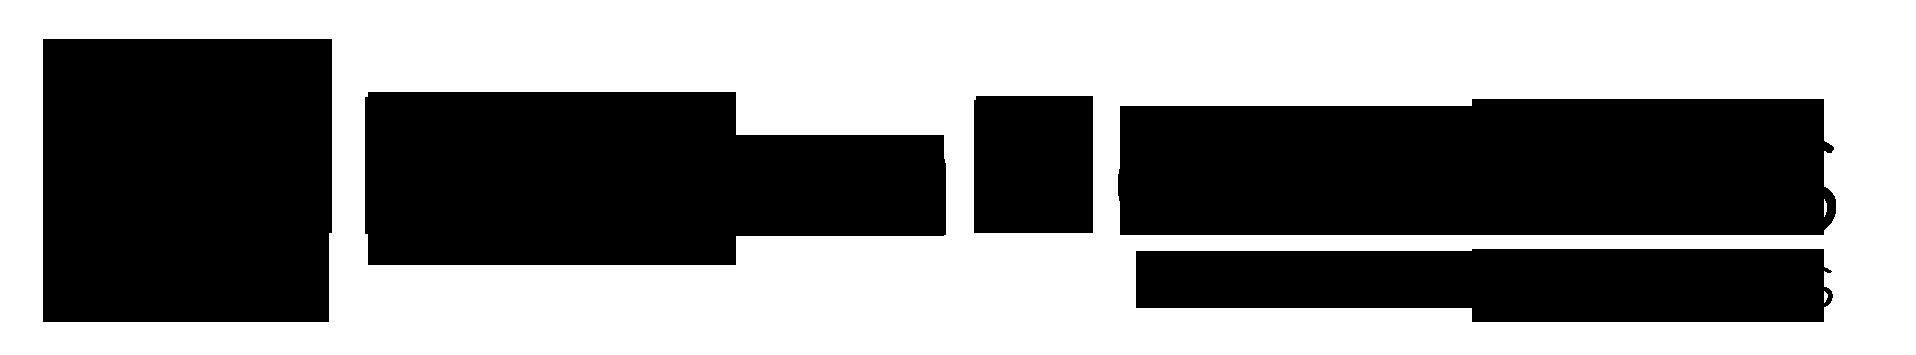 diycon